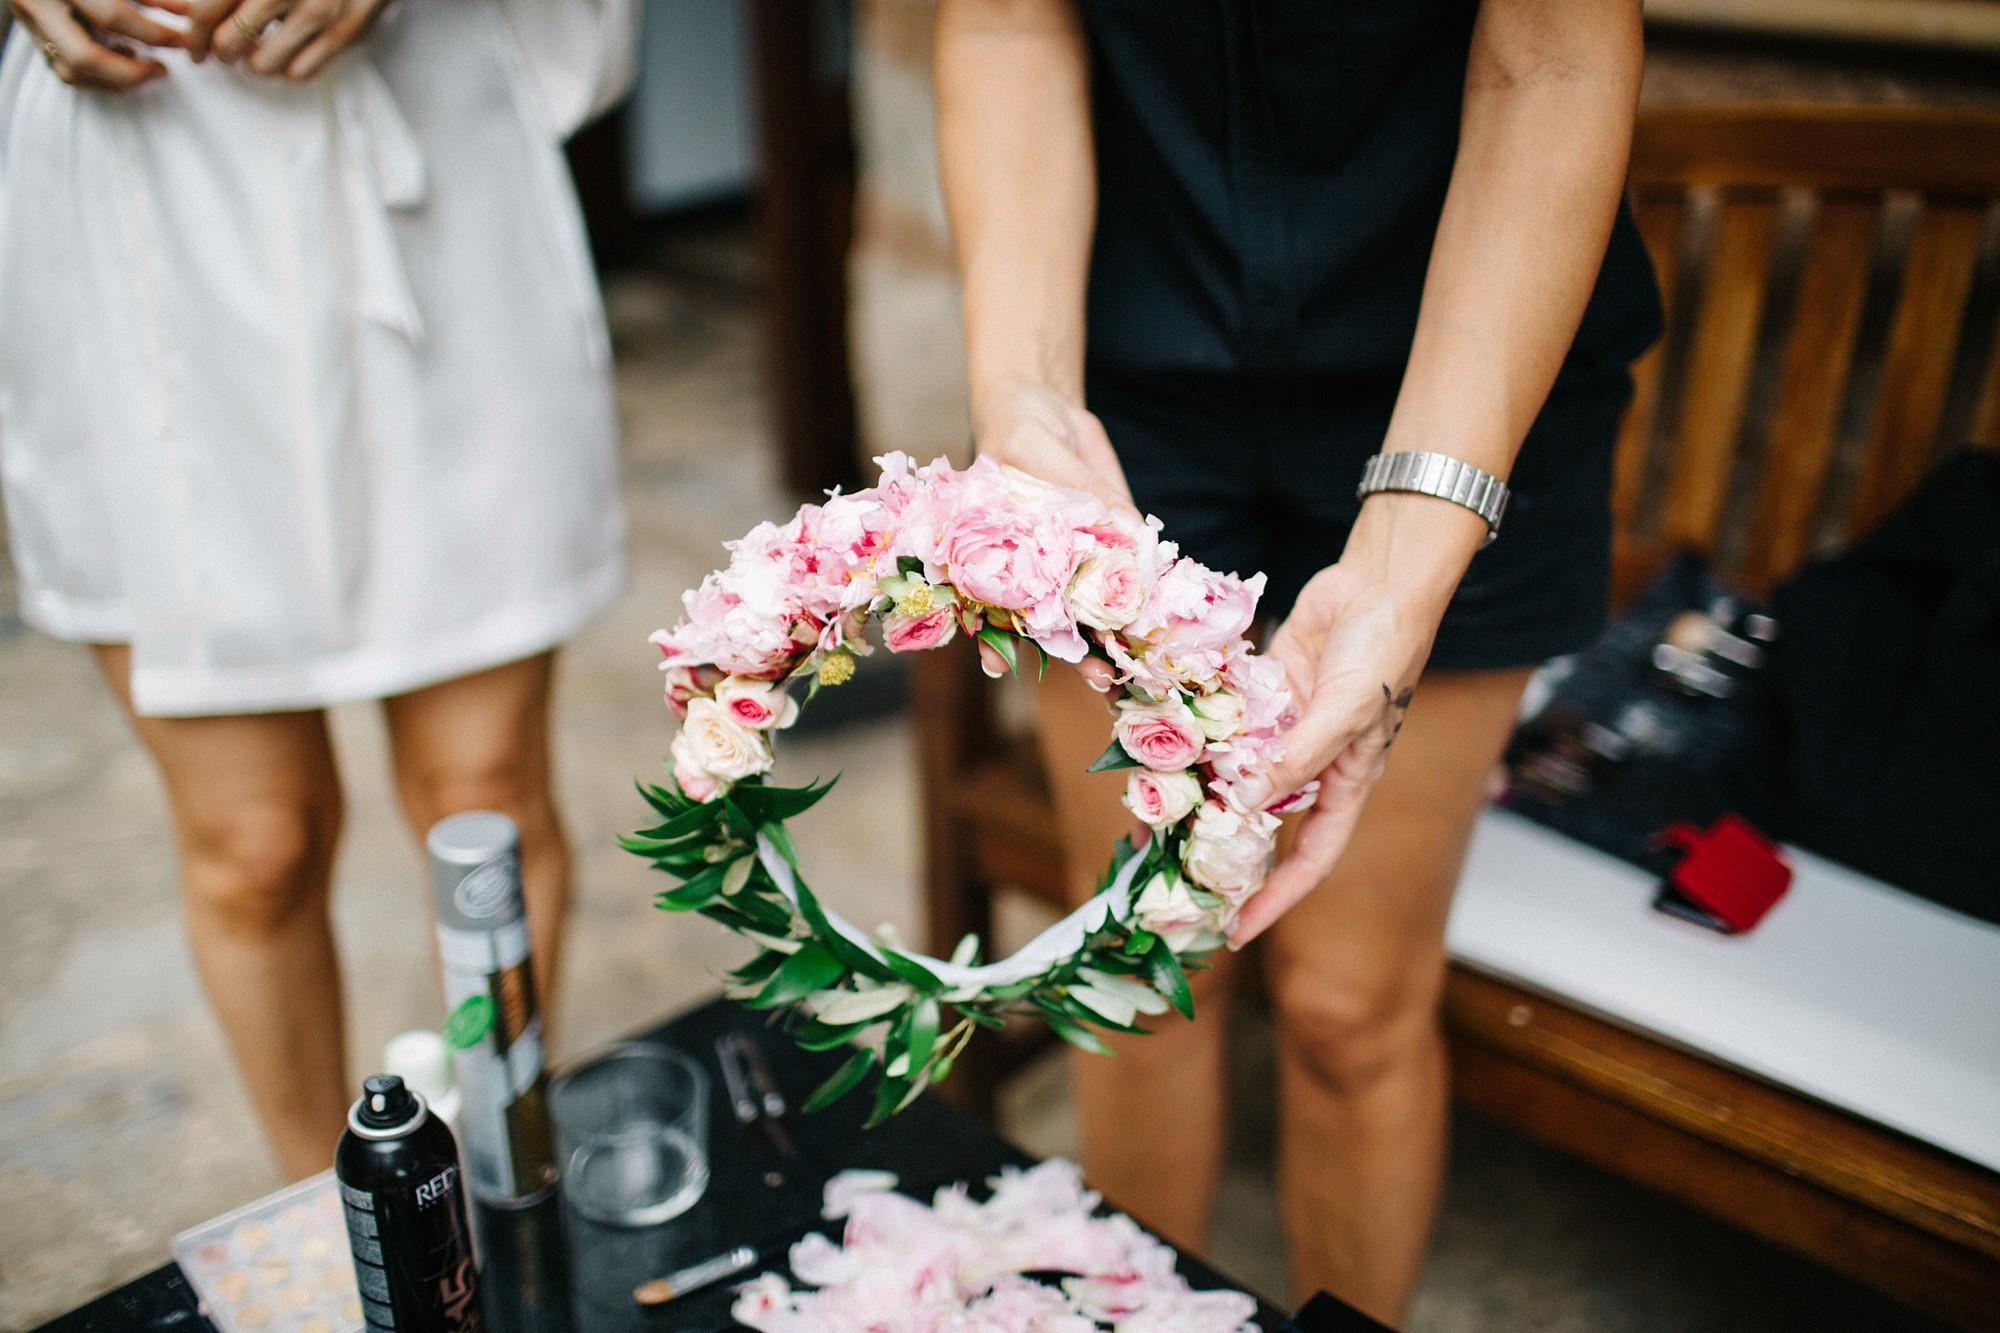 fotografos de boda en valencia barcelona mallorca wedding photographer045.jpg